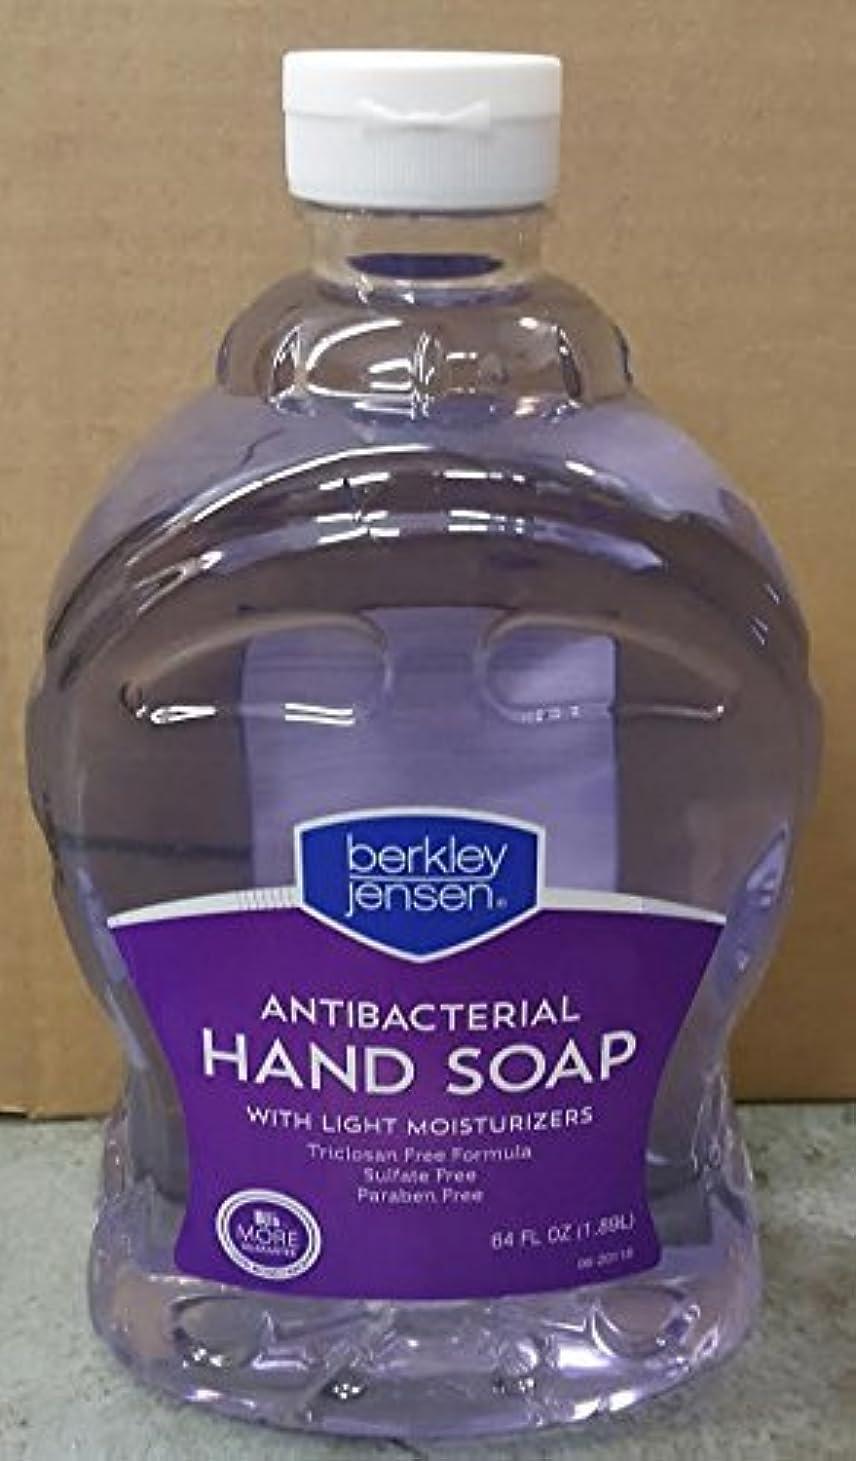 組み合わせハンドブック翻訳者Antibacterial Hand Soap With Light Moisturizers (1 Pack) [並行輸入品]